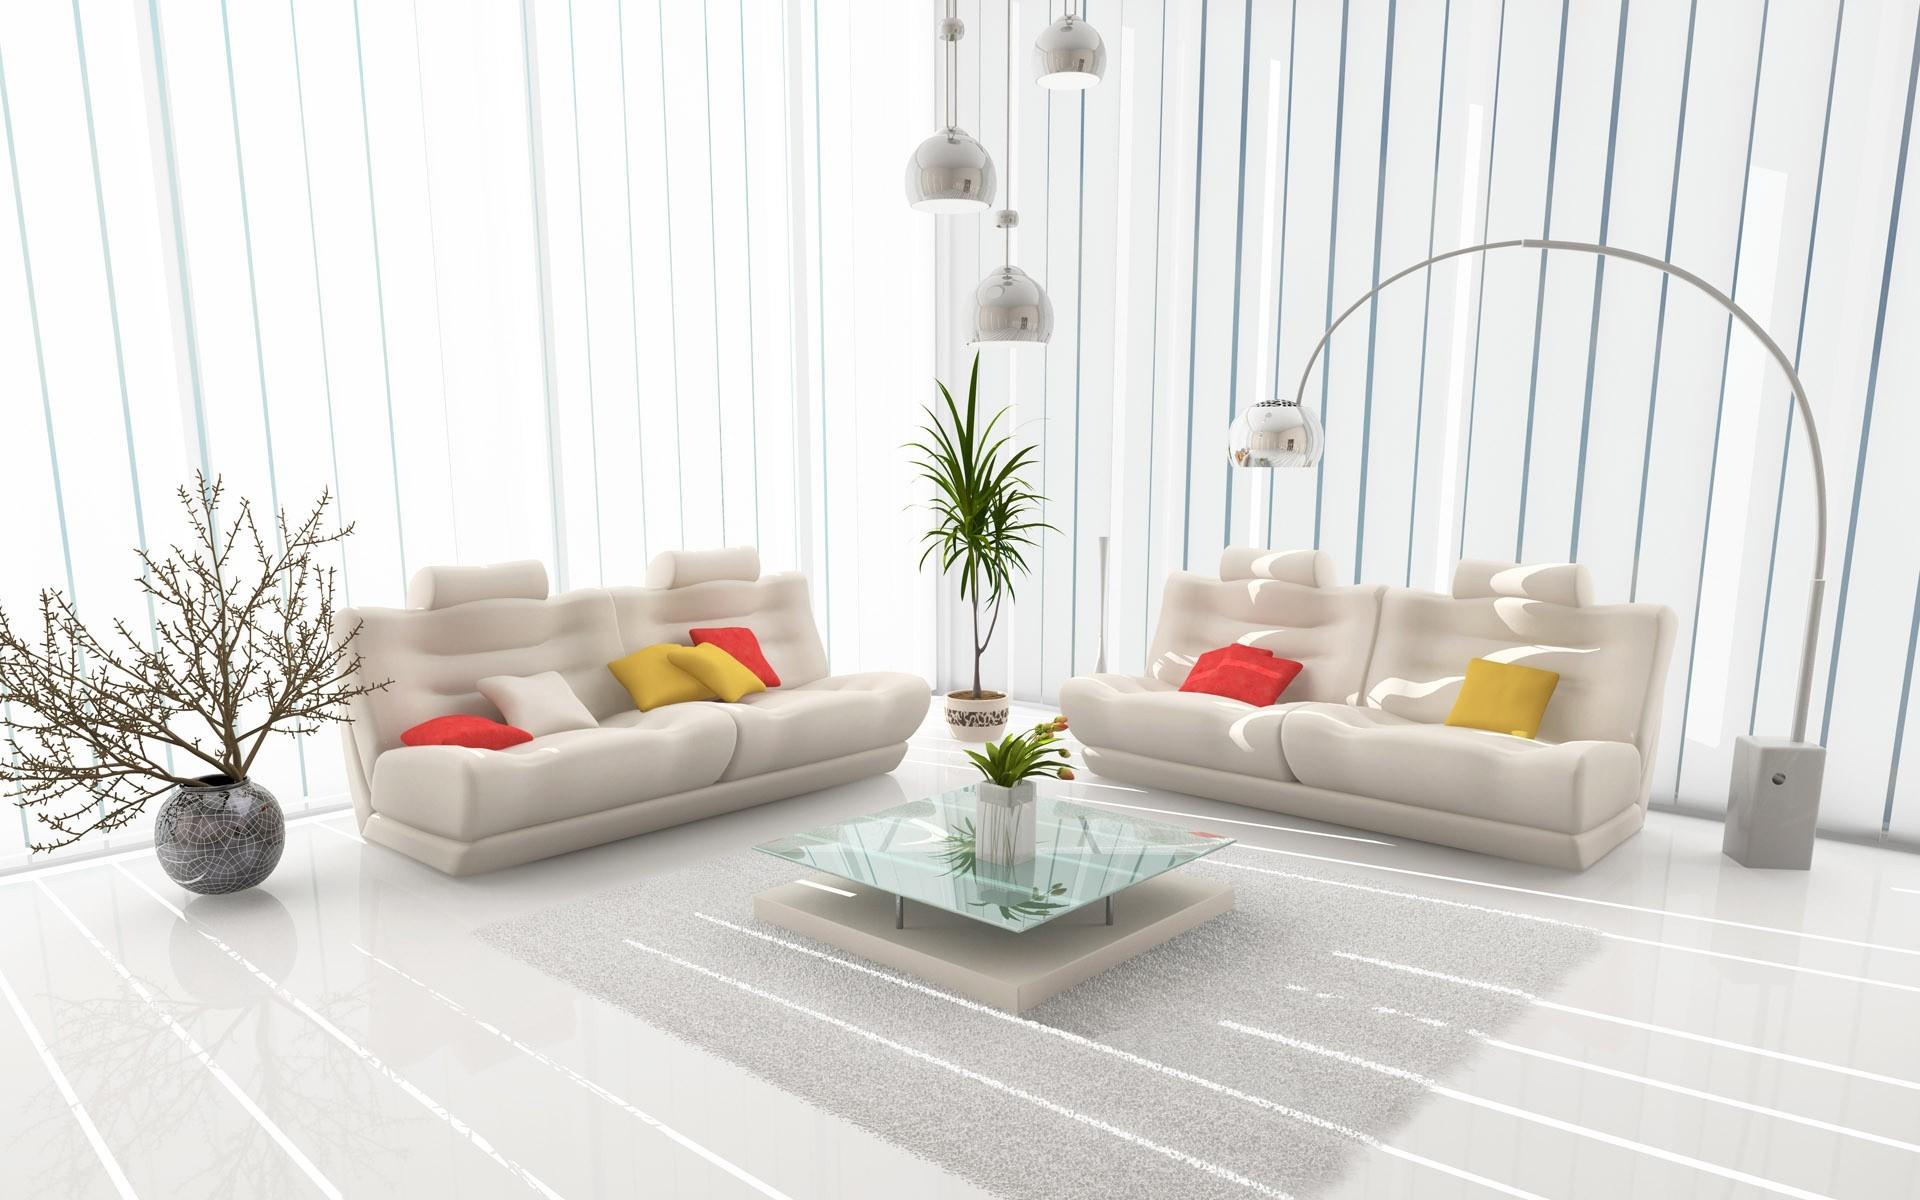 Sfondi : camera interno parete tavolo legna interior design